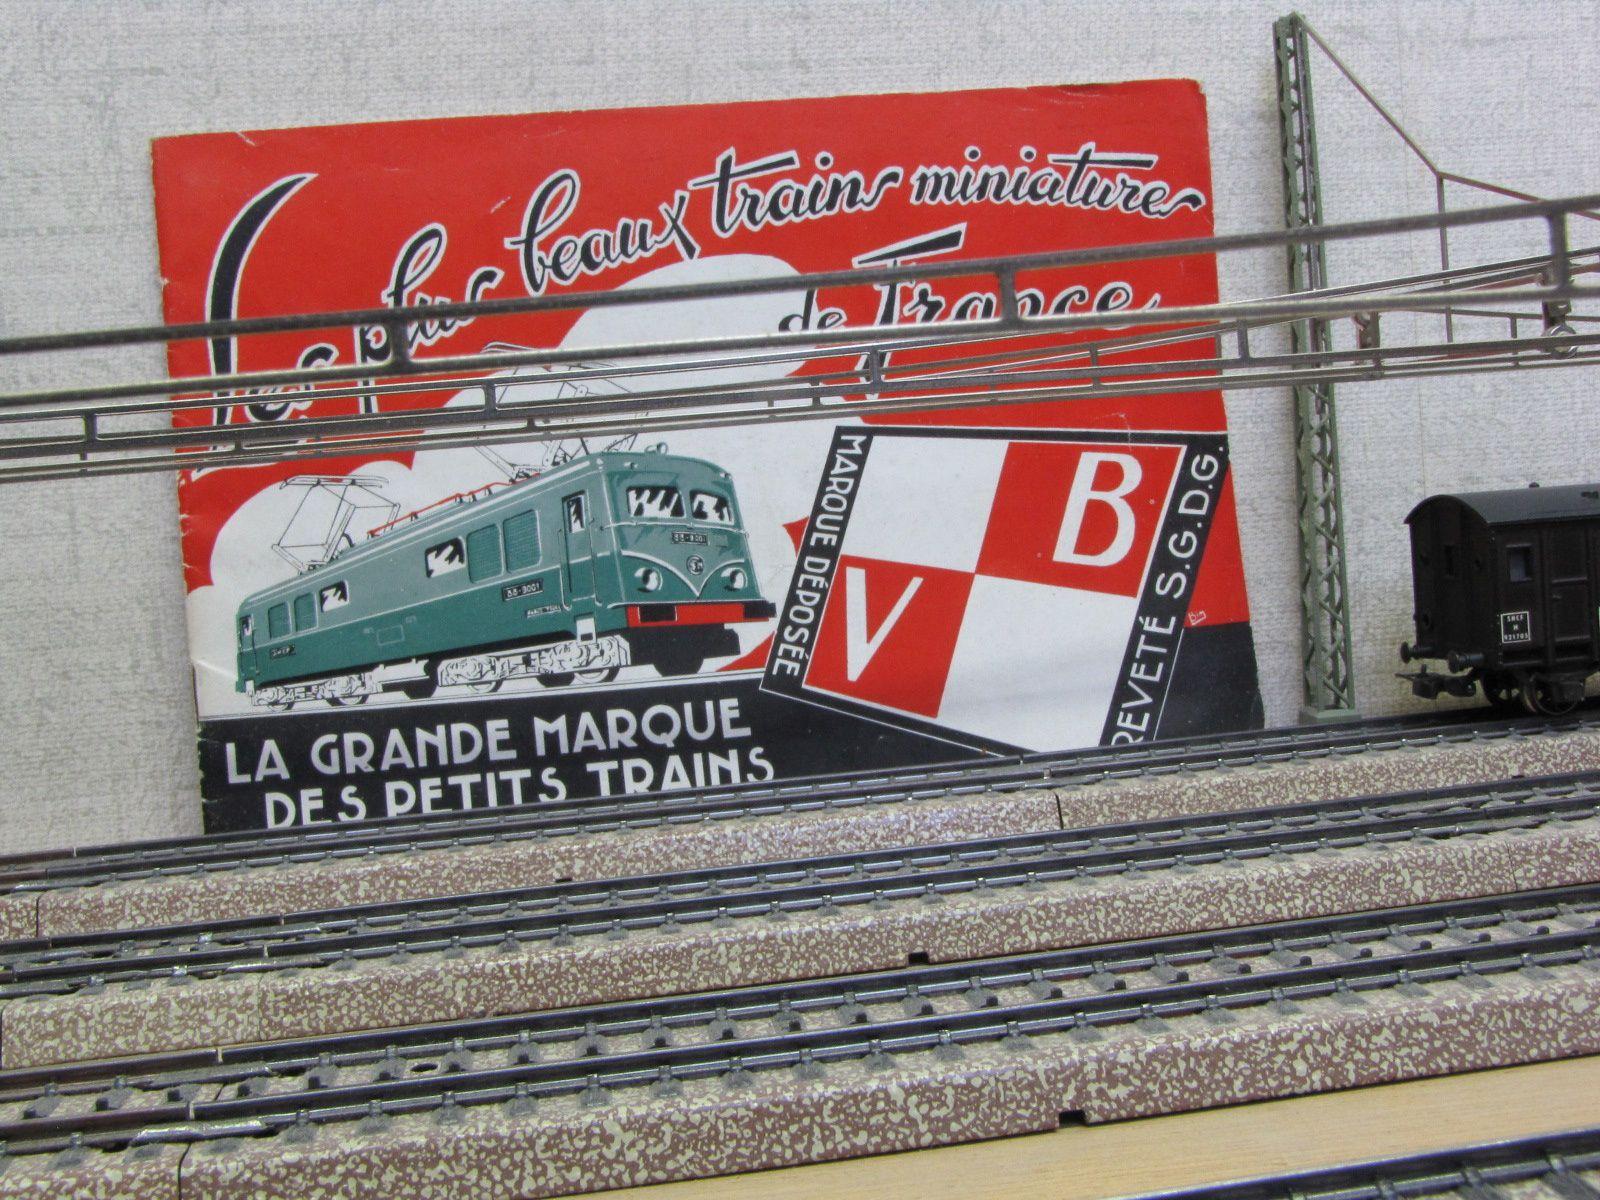 Panneaux publicitaires à l'entrée de la gare, dans les années 50.